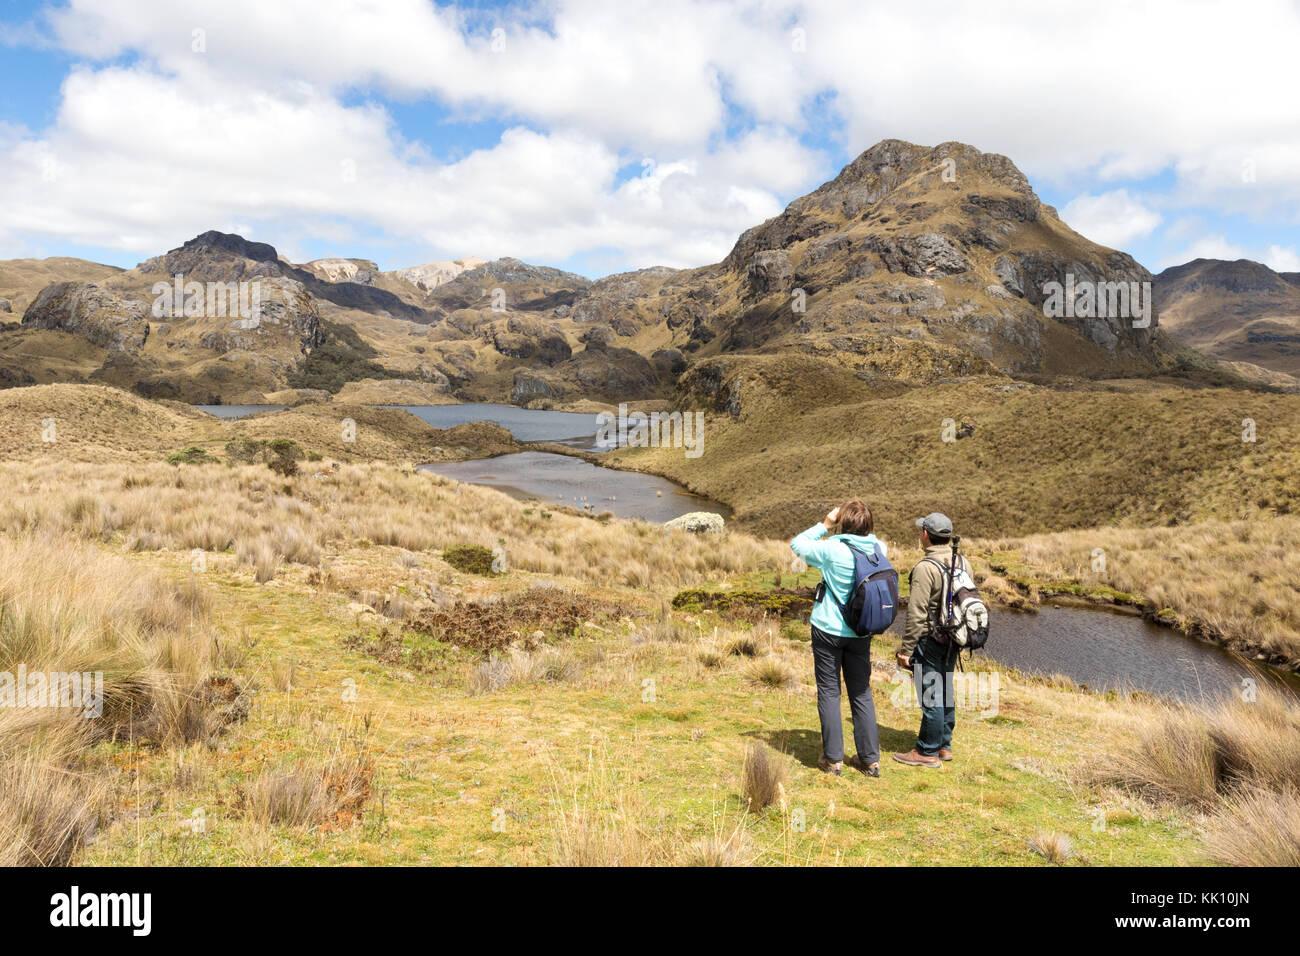 Parque Nacional El Cajas Ecuador - una guía de turismo y paseos en el parque nacional, Cuenca, Ecuador Sudamérica Imagen De Stock